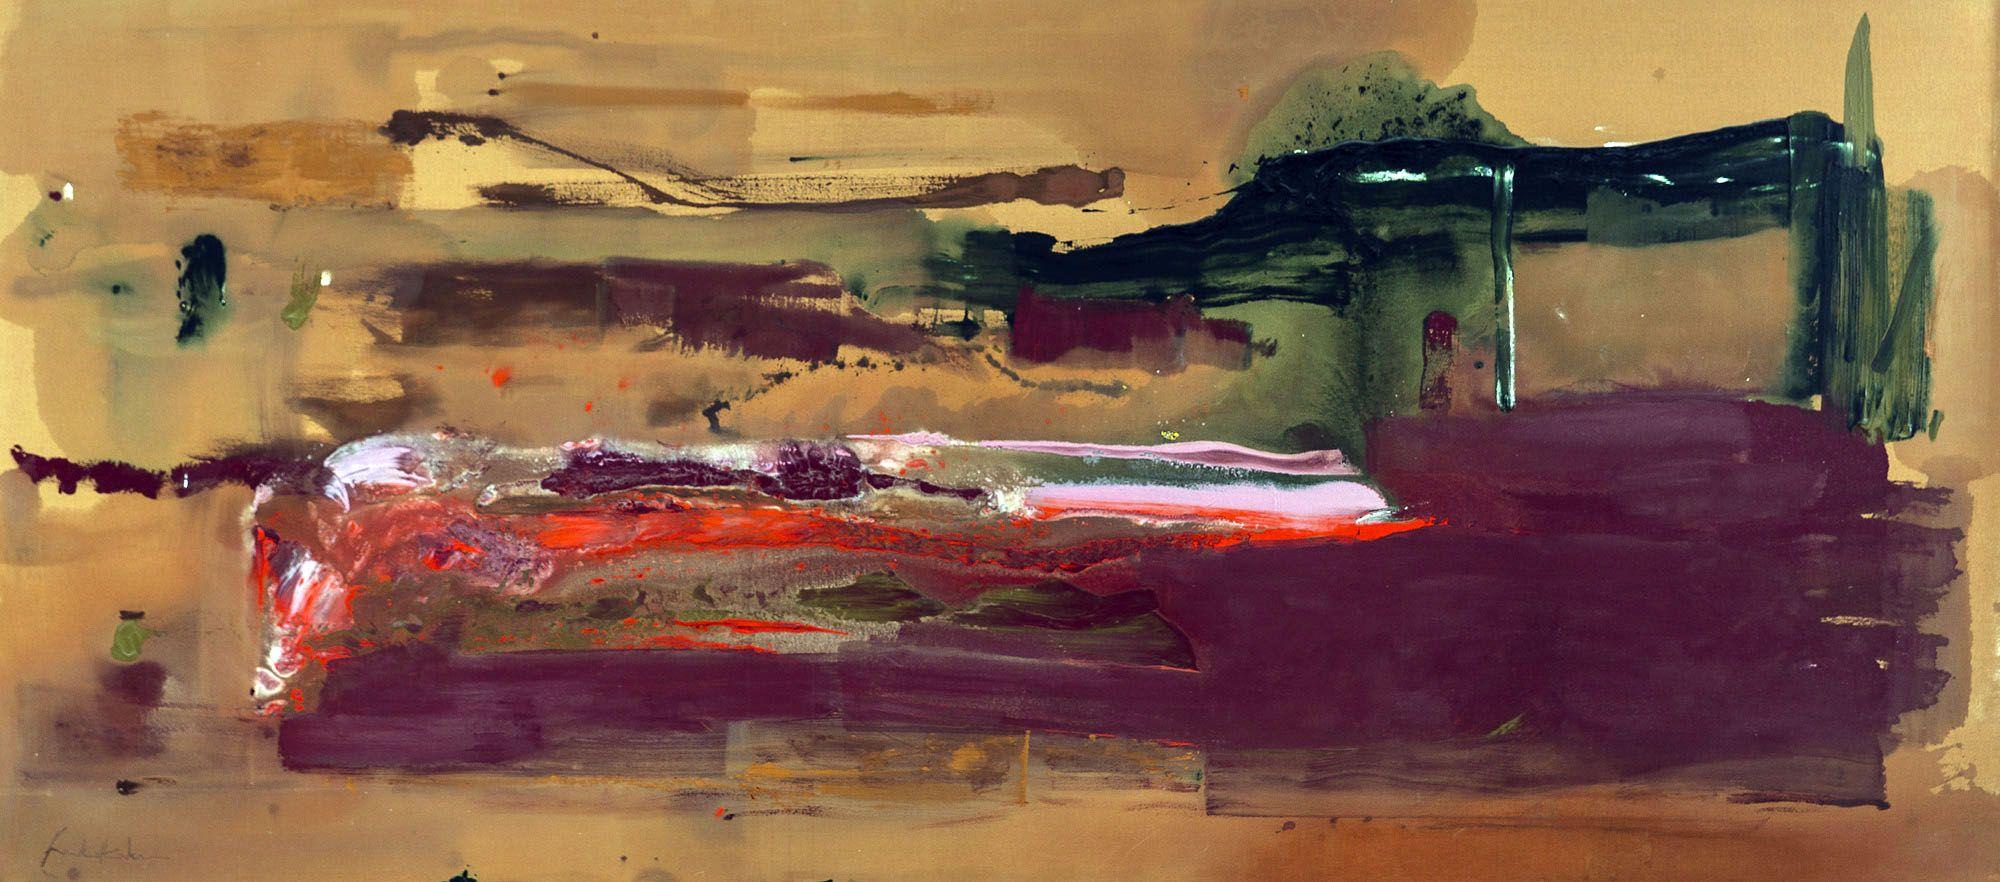 Helen Frankenthaler. 'February's Turn' 1979